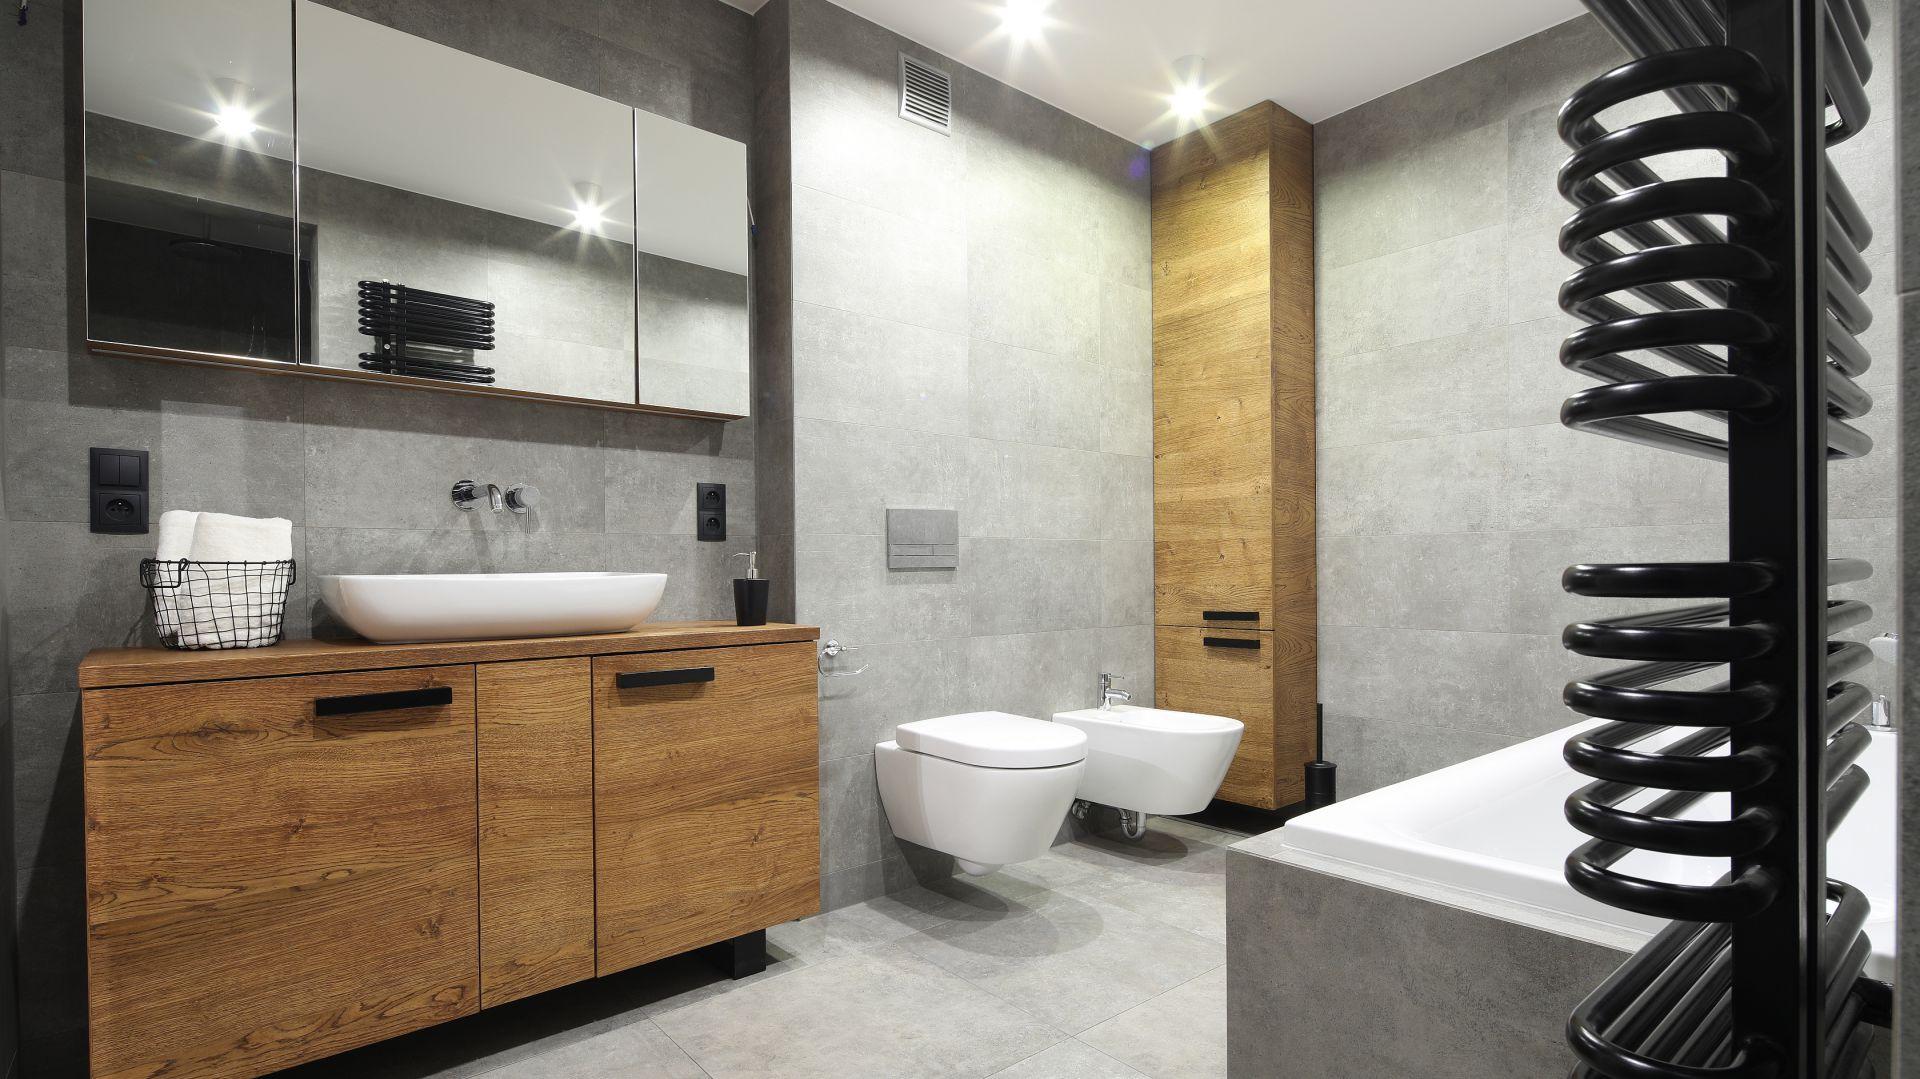 Jakie akcesoria wybrać do łazienki?